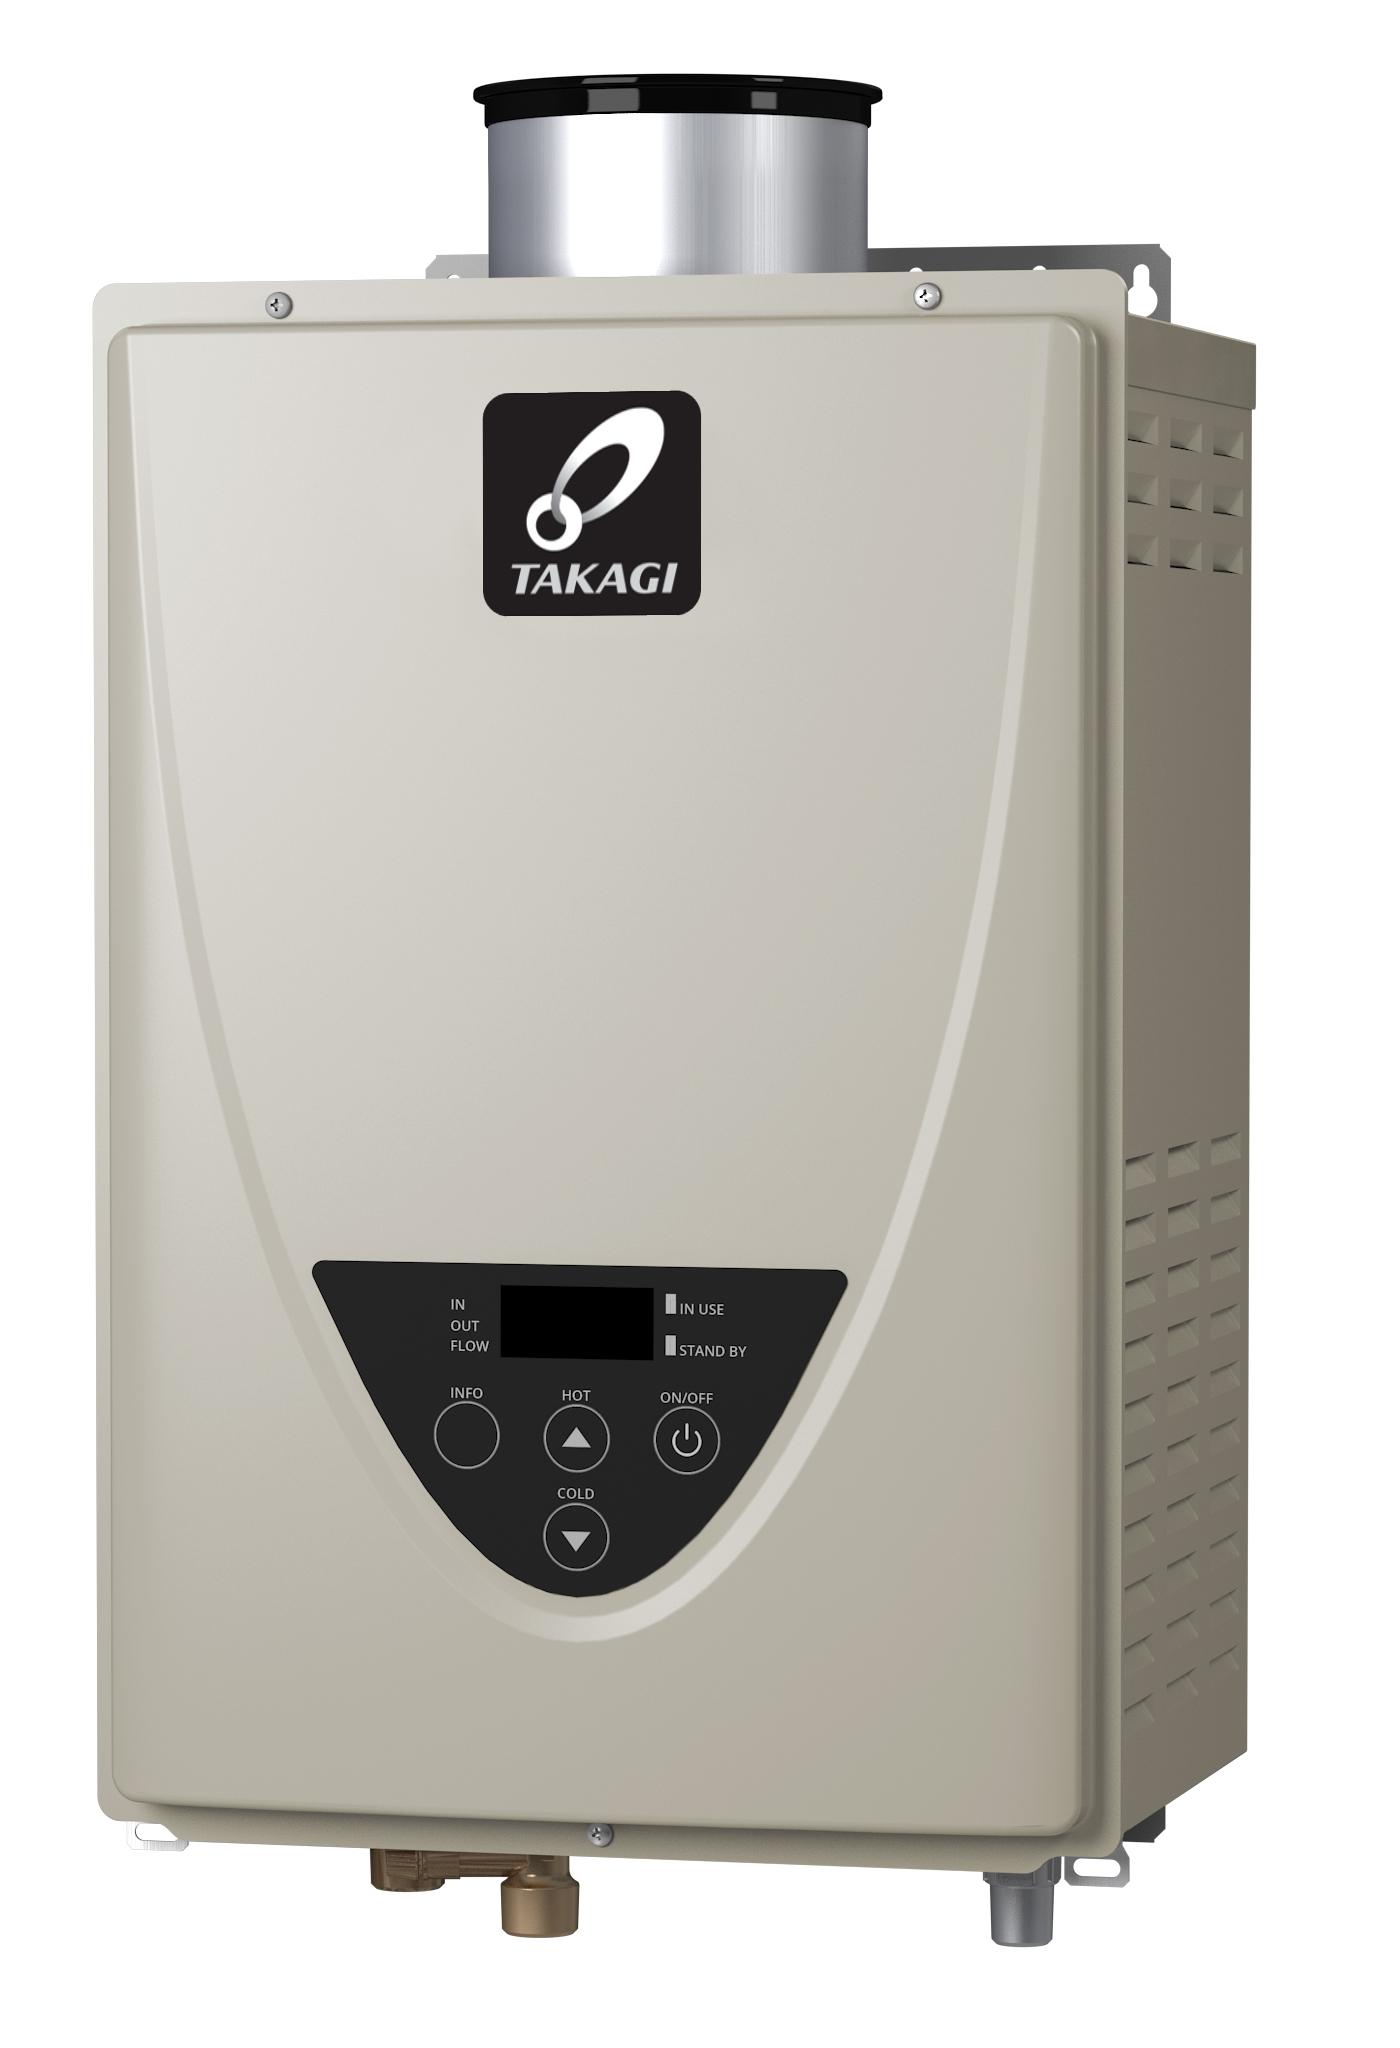 Takagi media bank takagi tankless water heaters Takagi tankless water heater